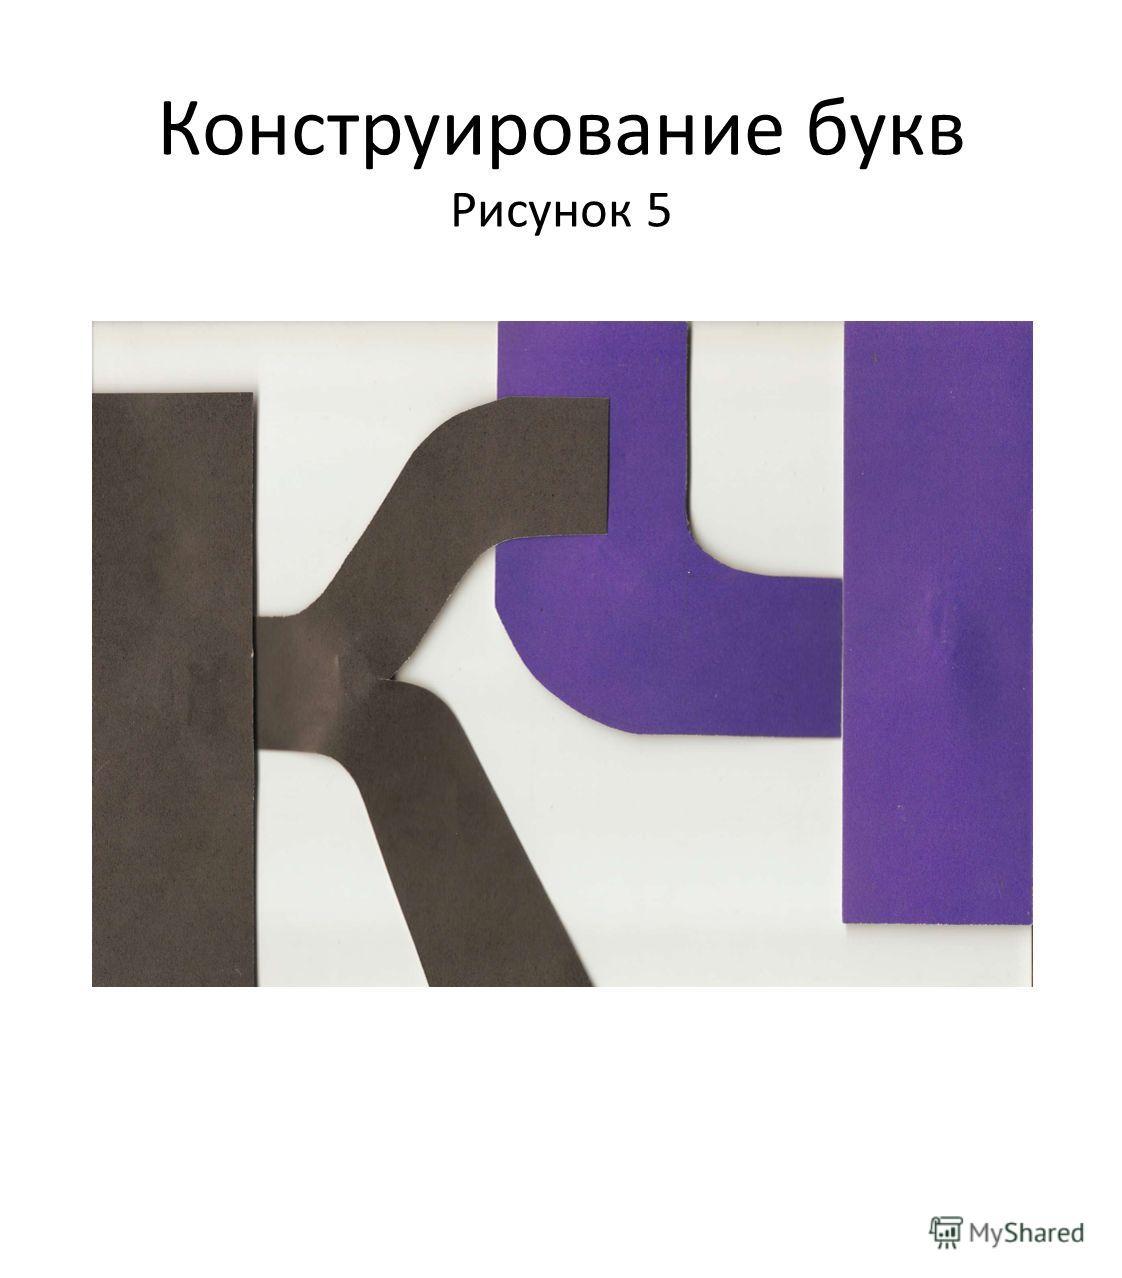 Конструирование букв Рисунок 5